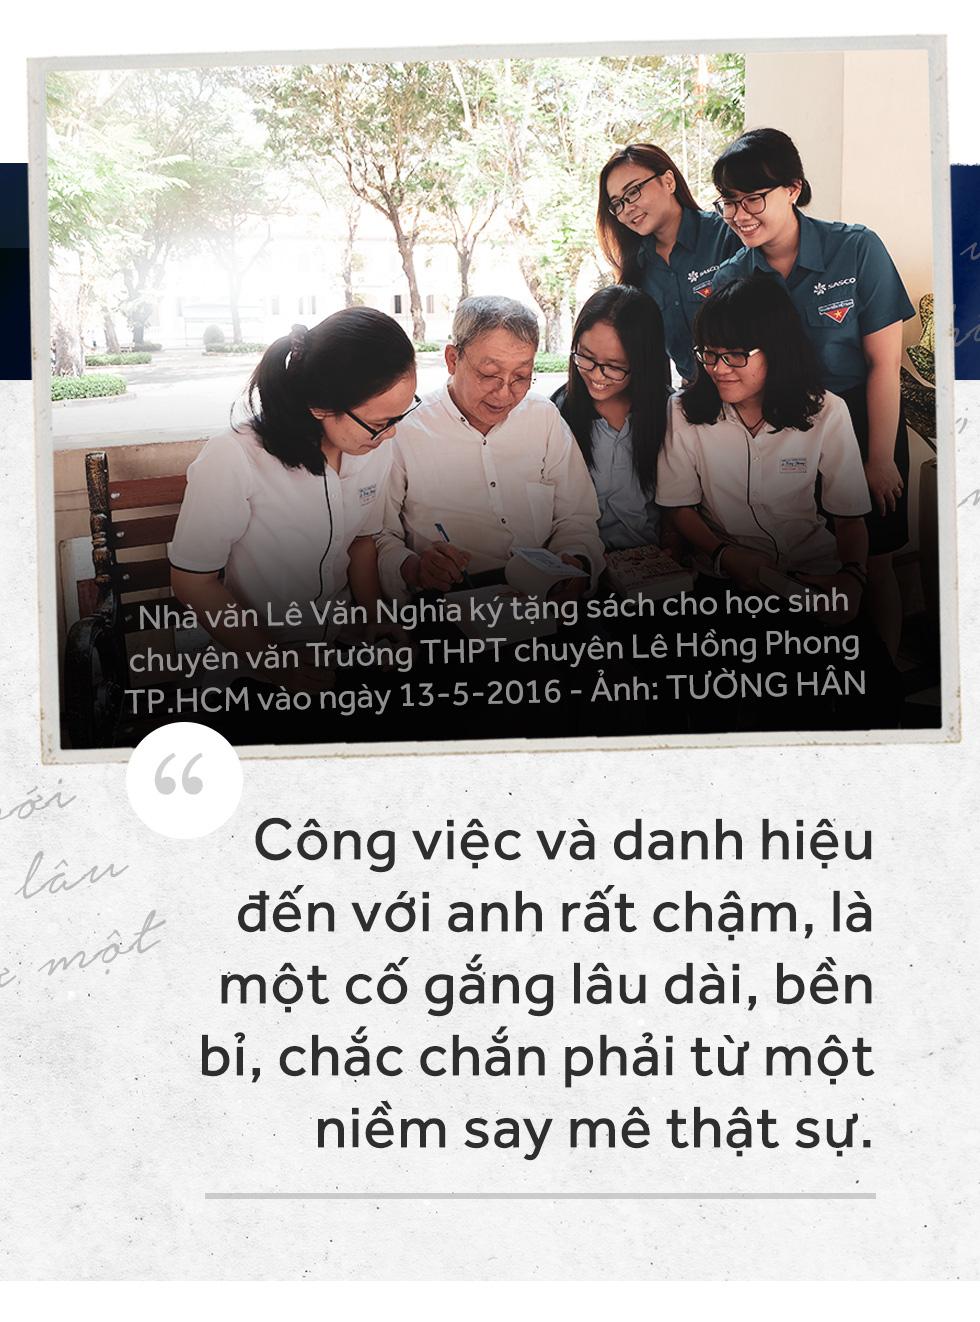 Yên nghỉ nhé Lê Văn Nghĩa, một đời cầm bút, một đời tài hoa - Ảnh 4.